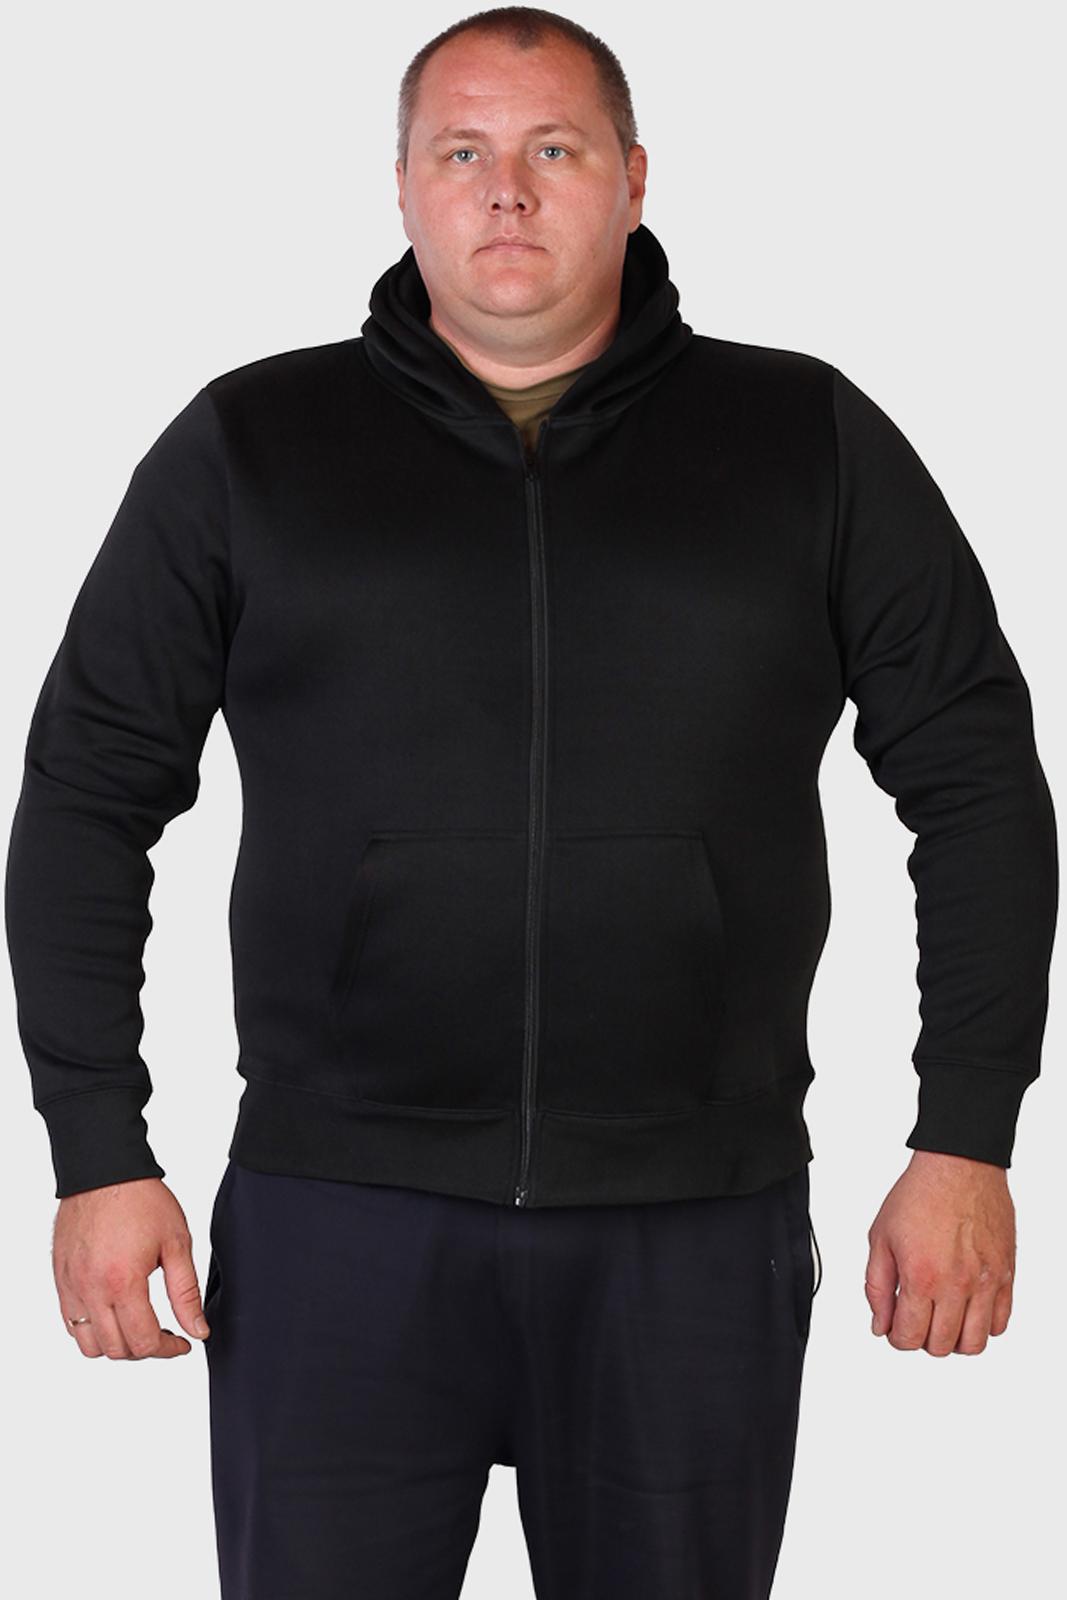 Черные толстовки с капюшоном – истинно мужской выбор